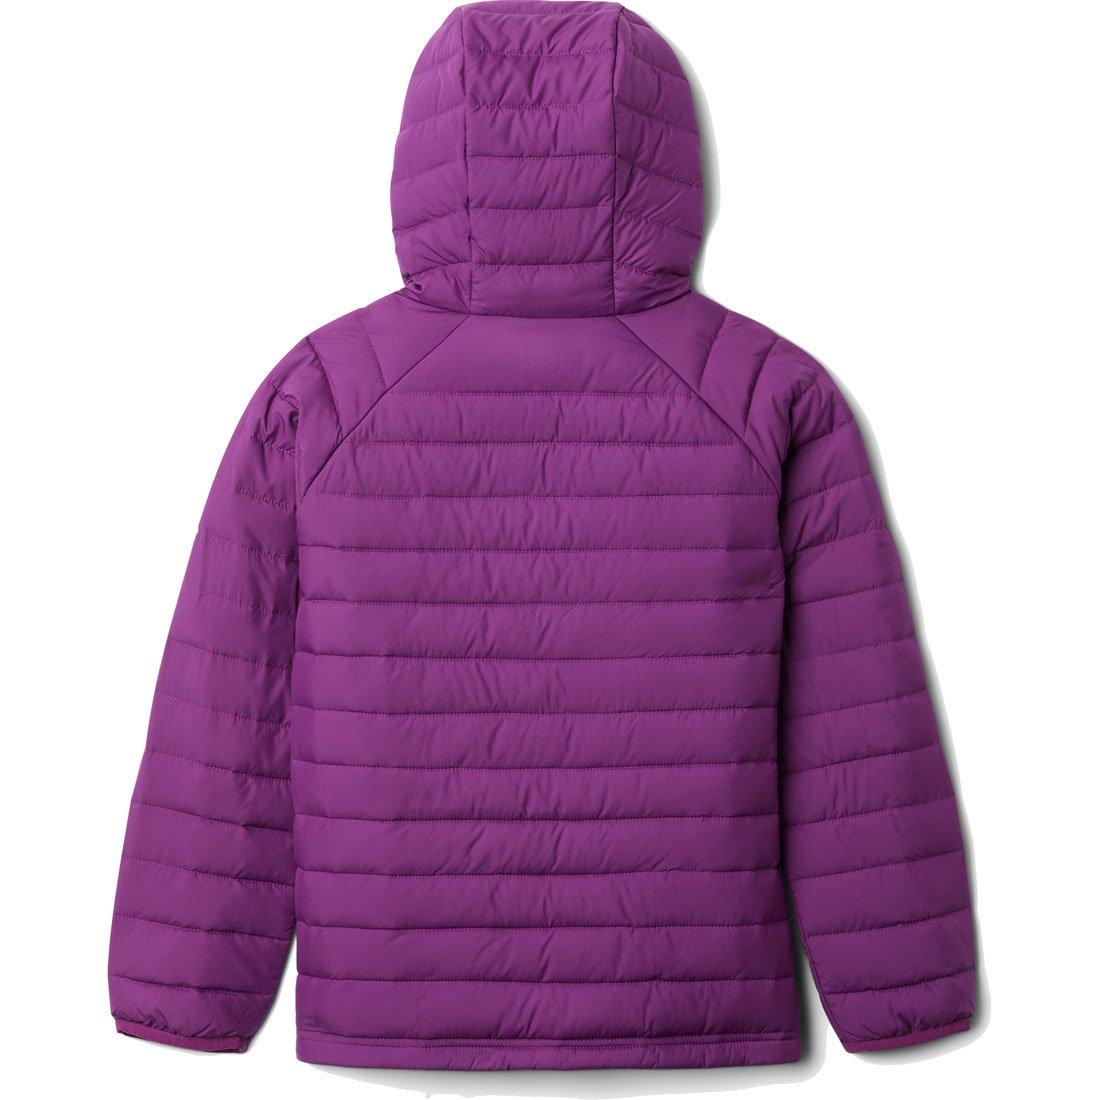 מעיל מבודד לילדות ונערות - Powder Lite Girls Hooded - Columbia